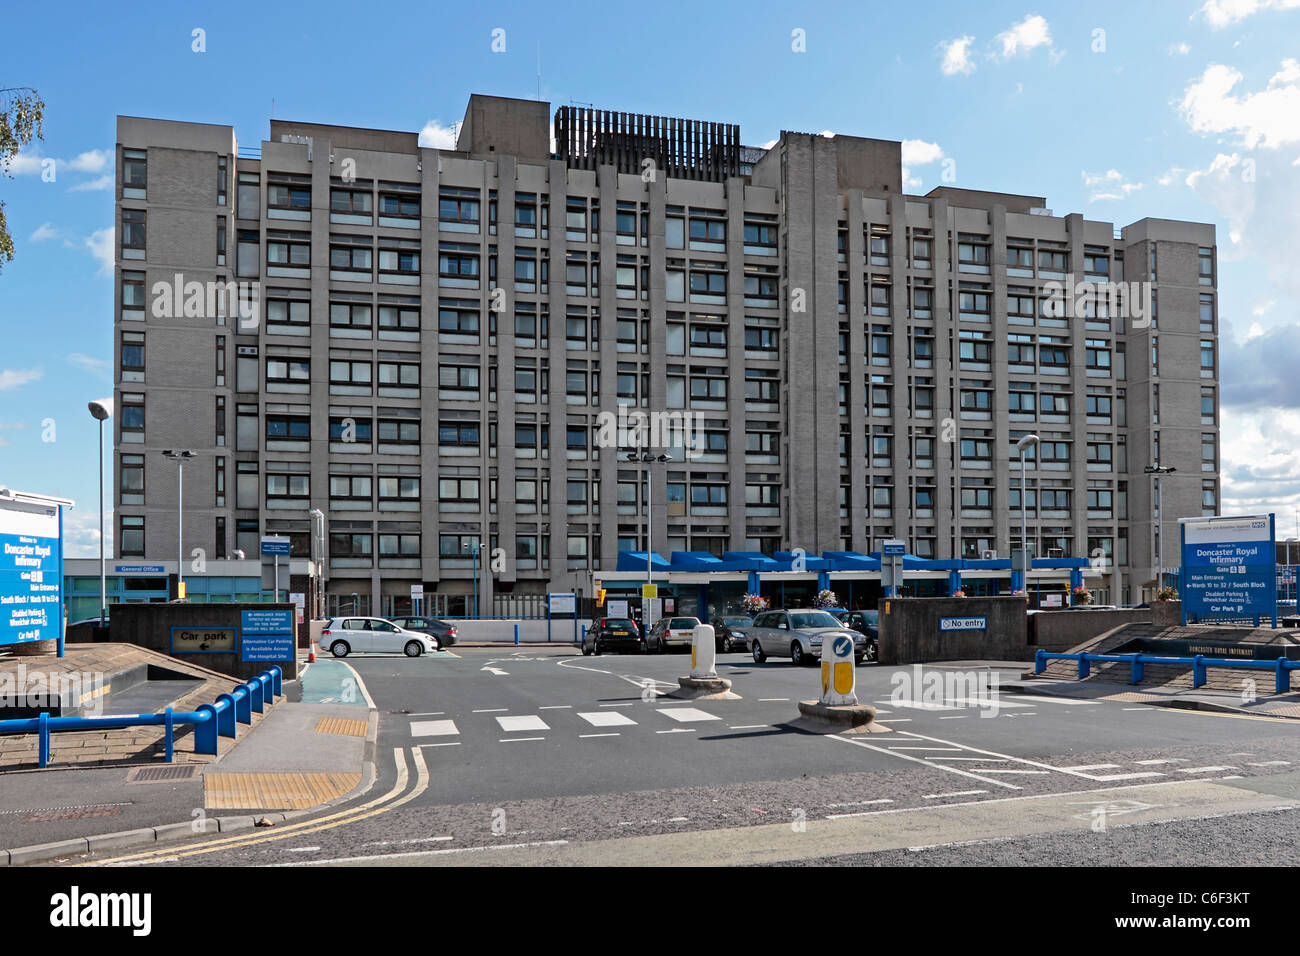 Royal Hospital Car Park